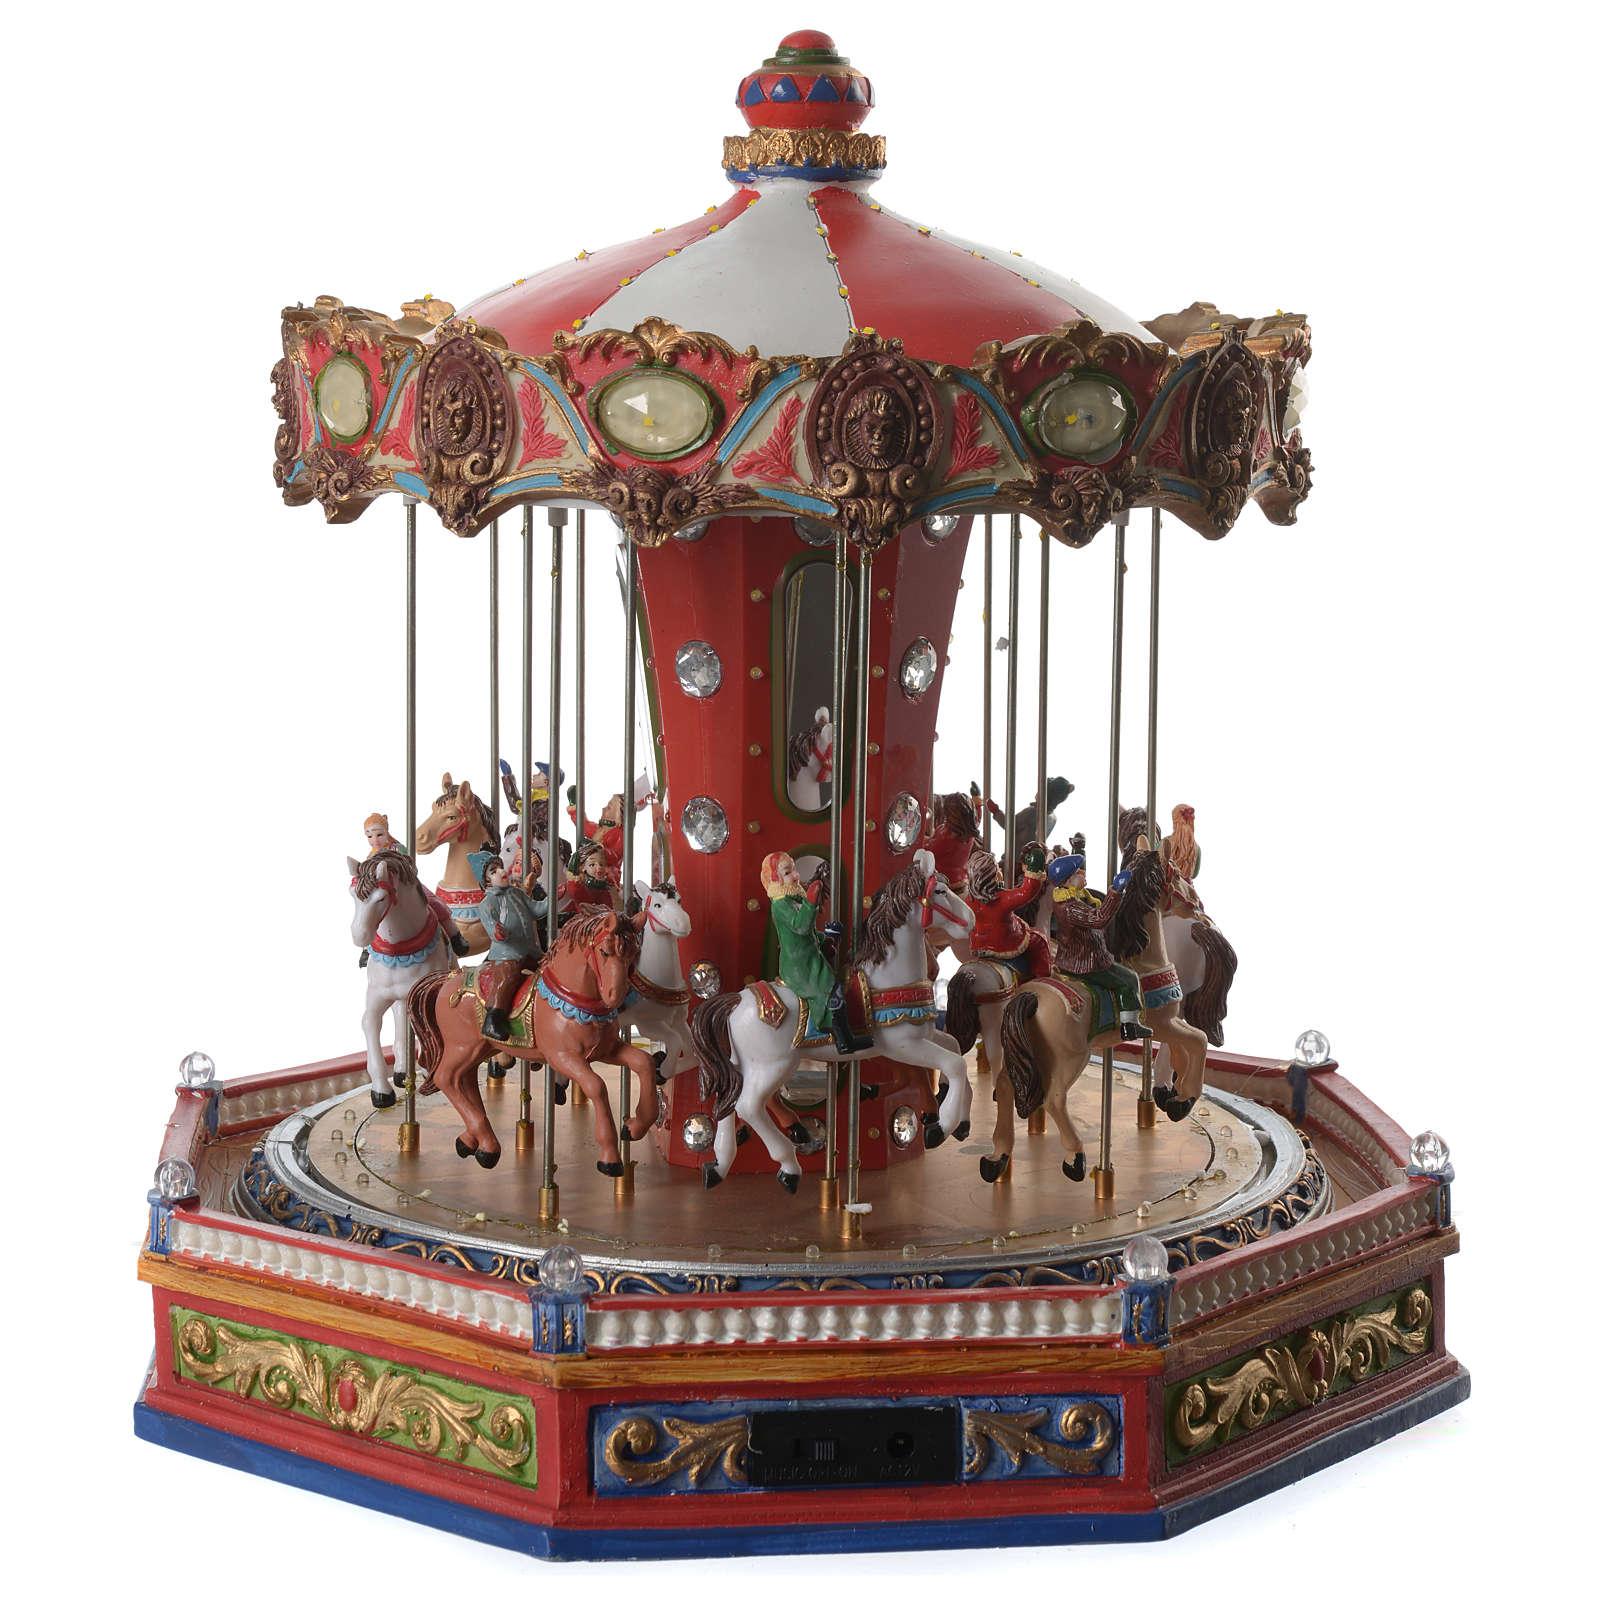 Tiovivo de los caballos para aldea navideño iluminado en movimiento y música 35x35x35 3